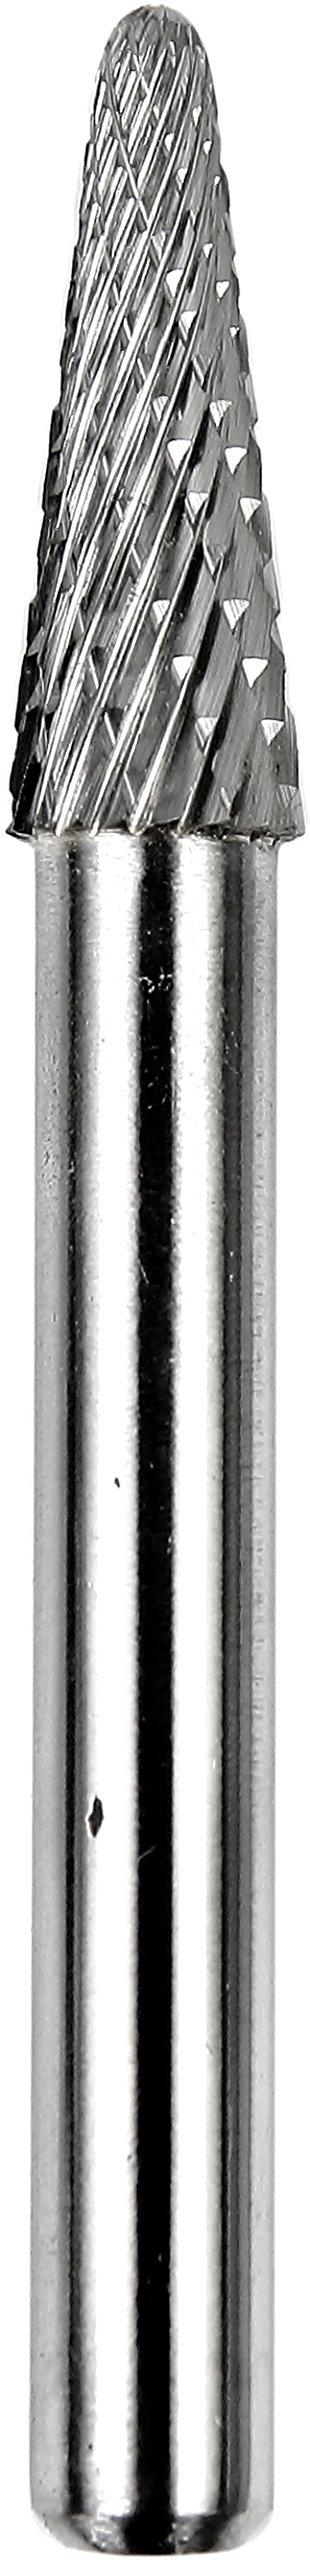 Dedeco 13312 Carbide Bur, Double-Cut, 14 degree